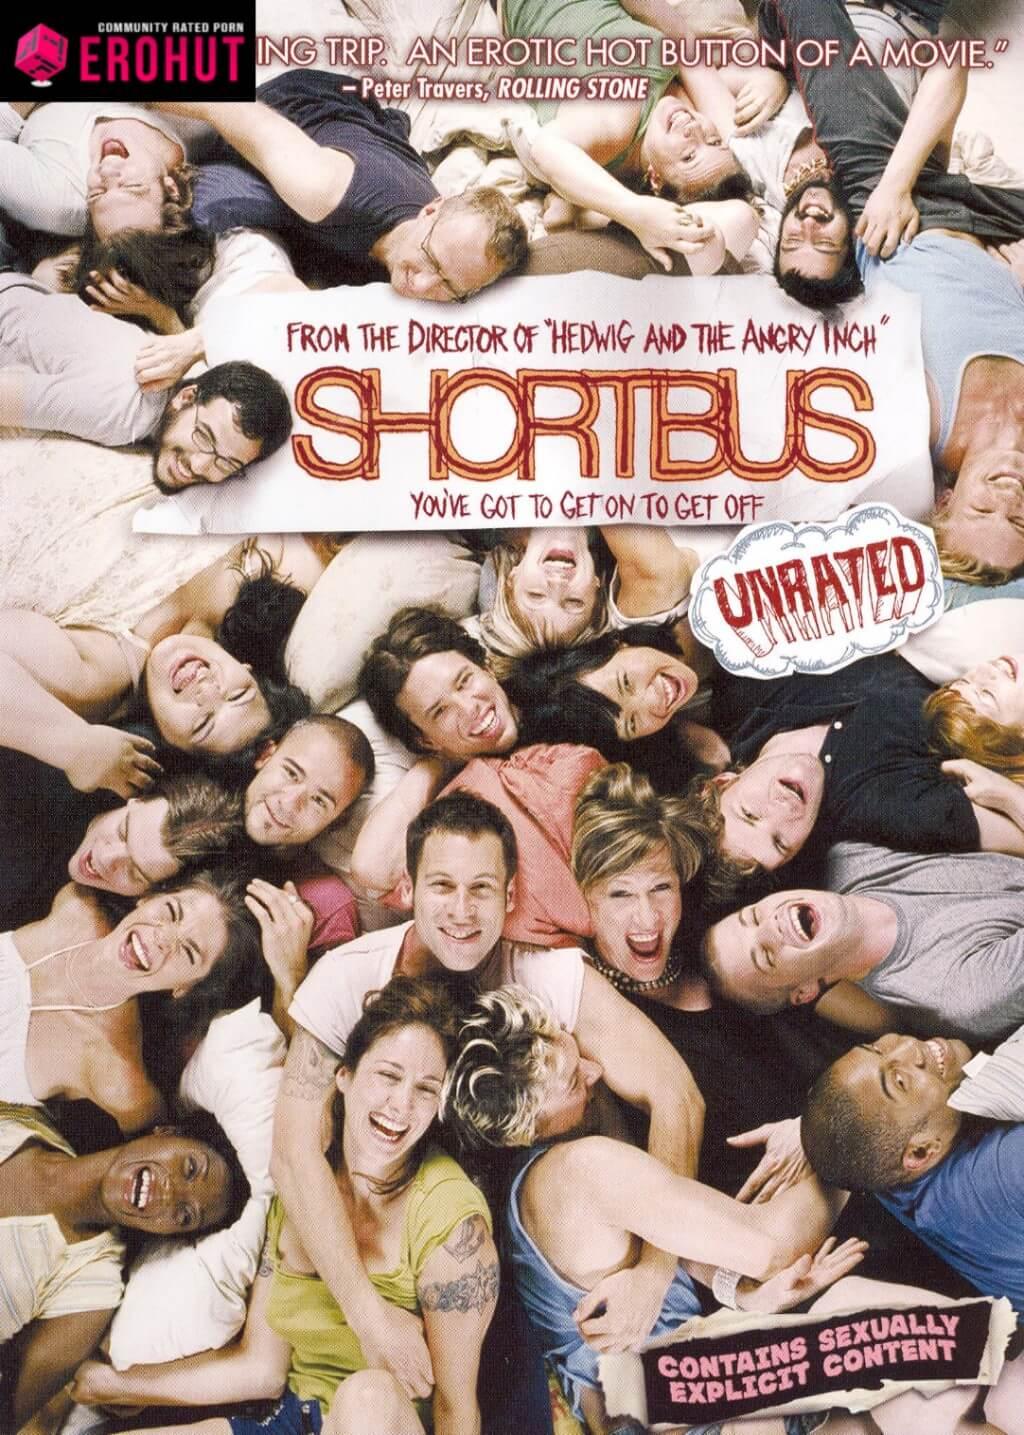 Shortbus (2006) Sex Scene